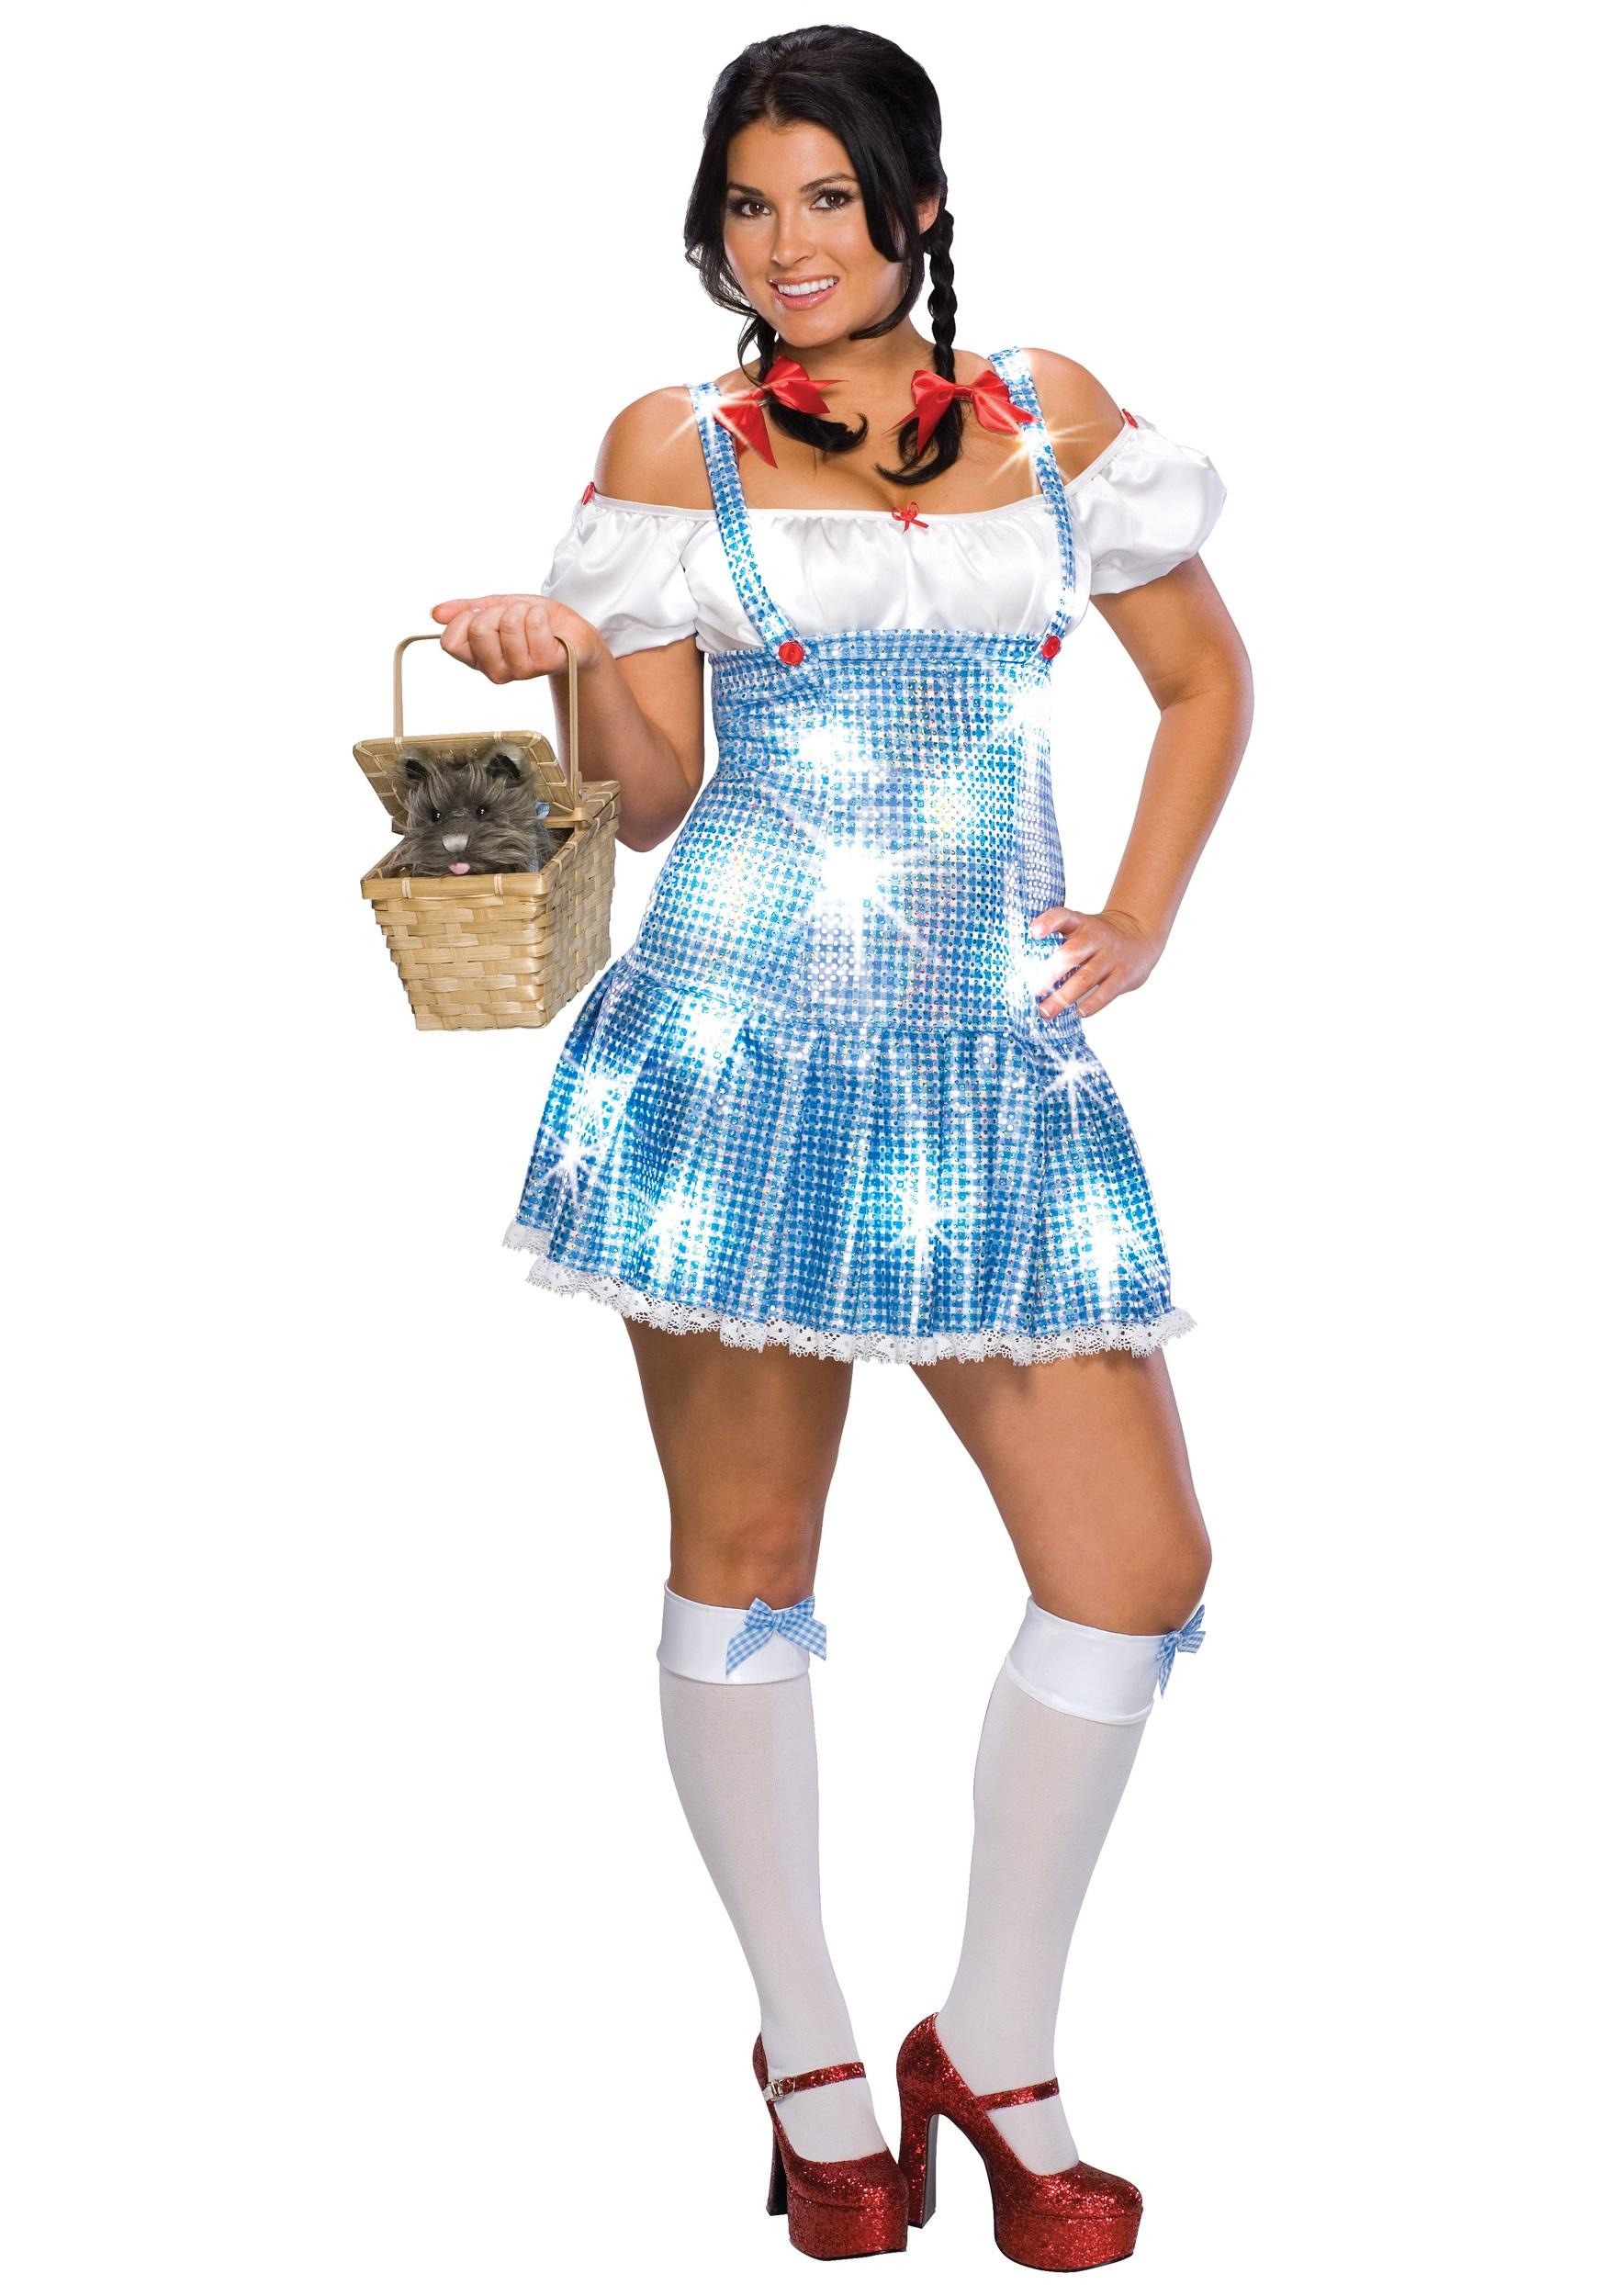 costume plus women Adult